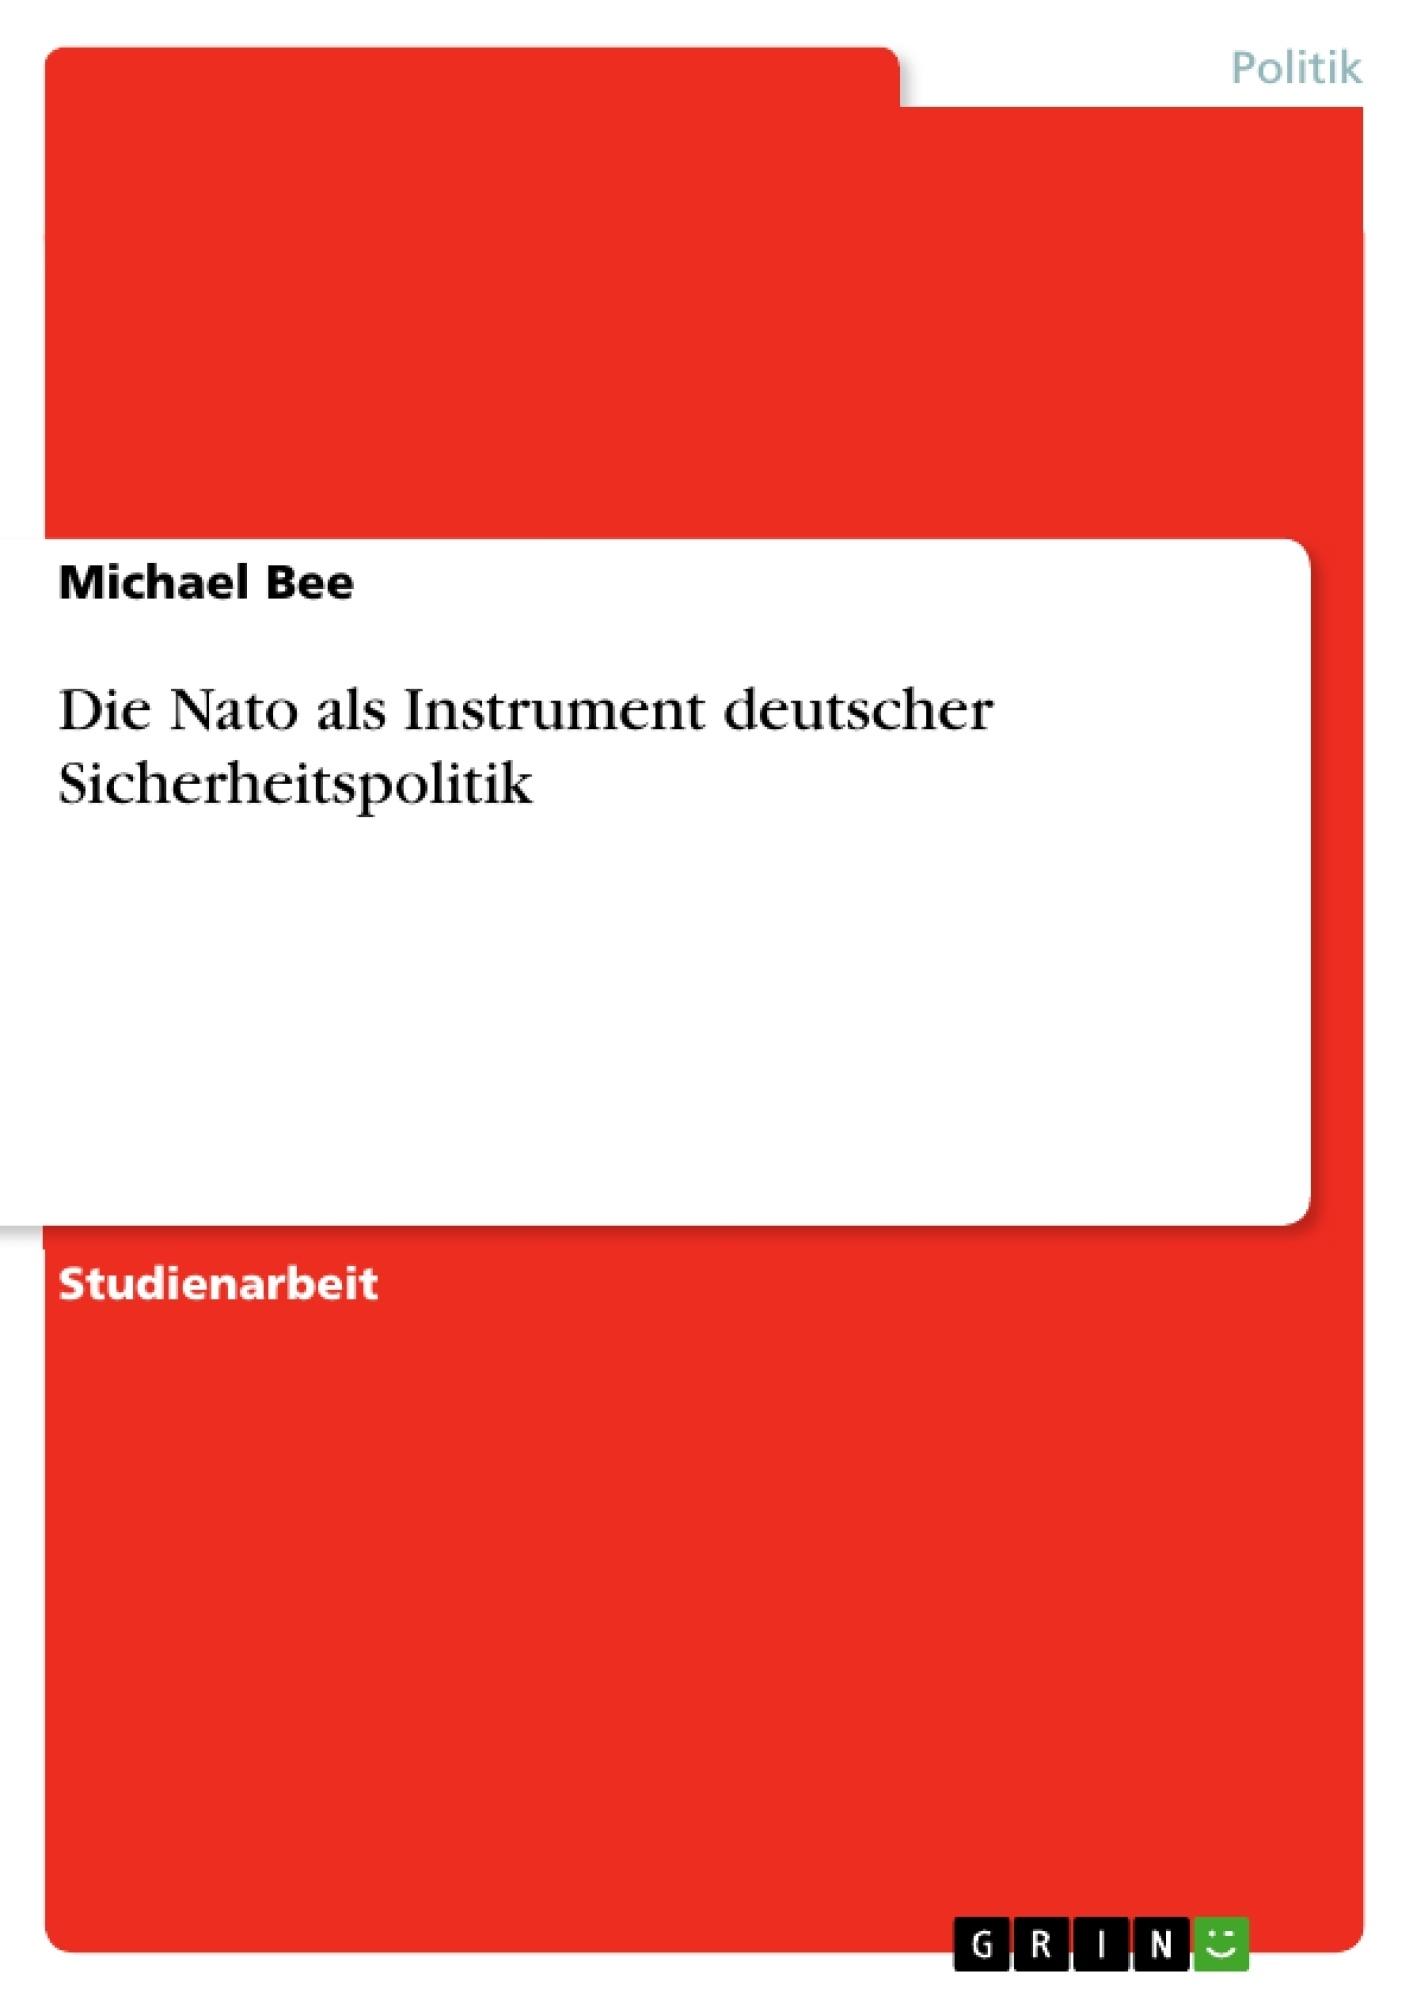 Titel: Die Nato als Instrument deutscher Sicherheitspolitik